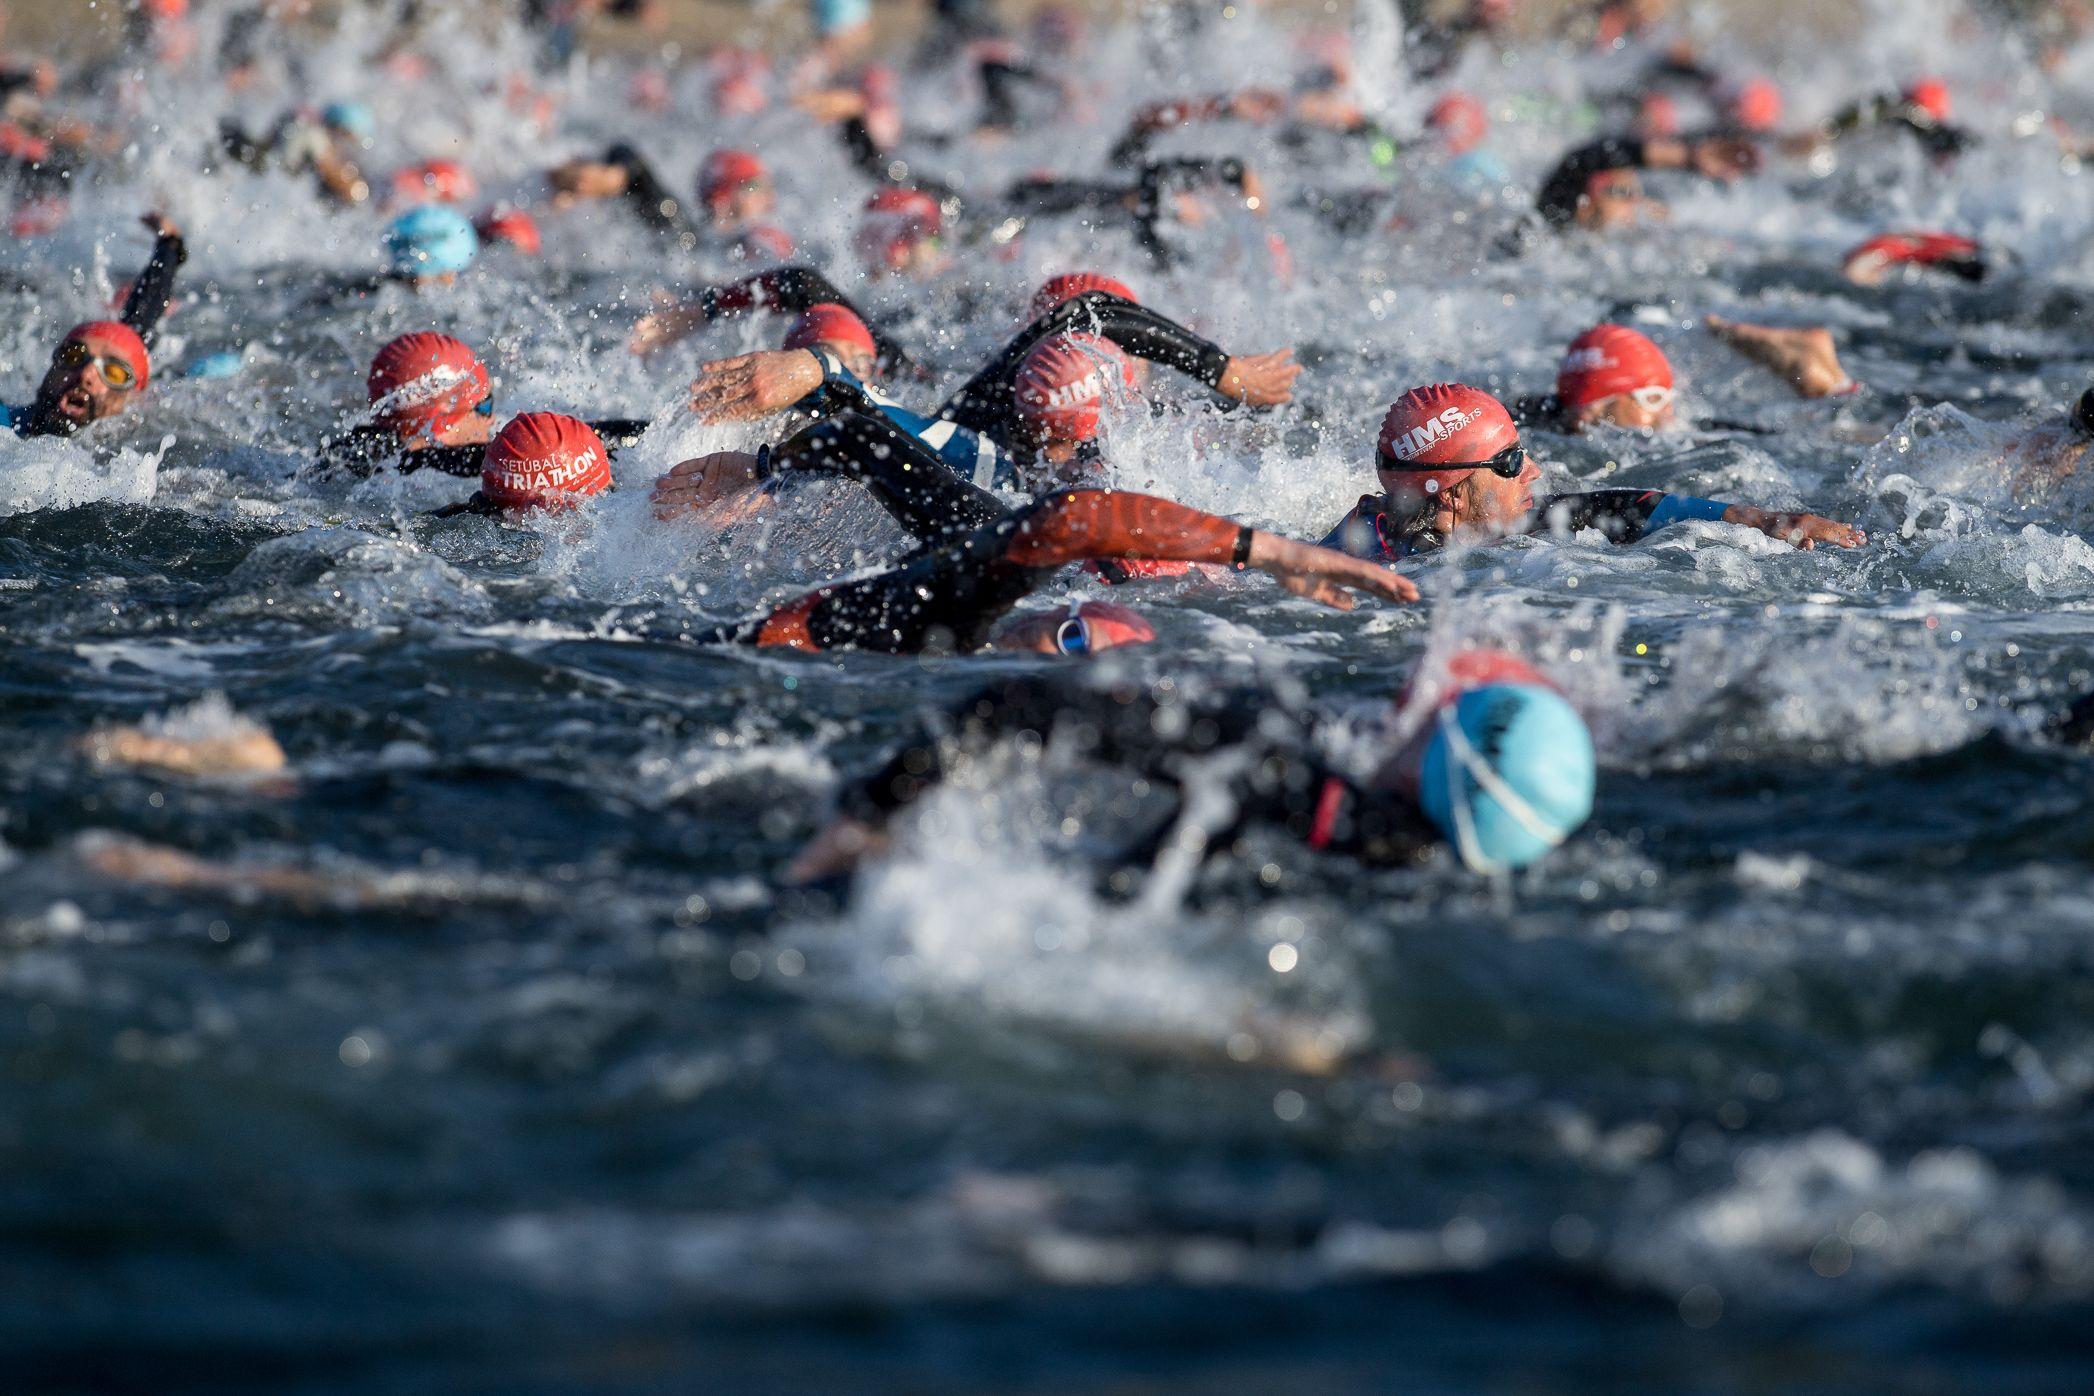 Los riesgos de la natación